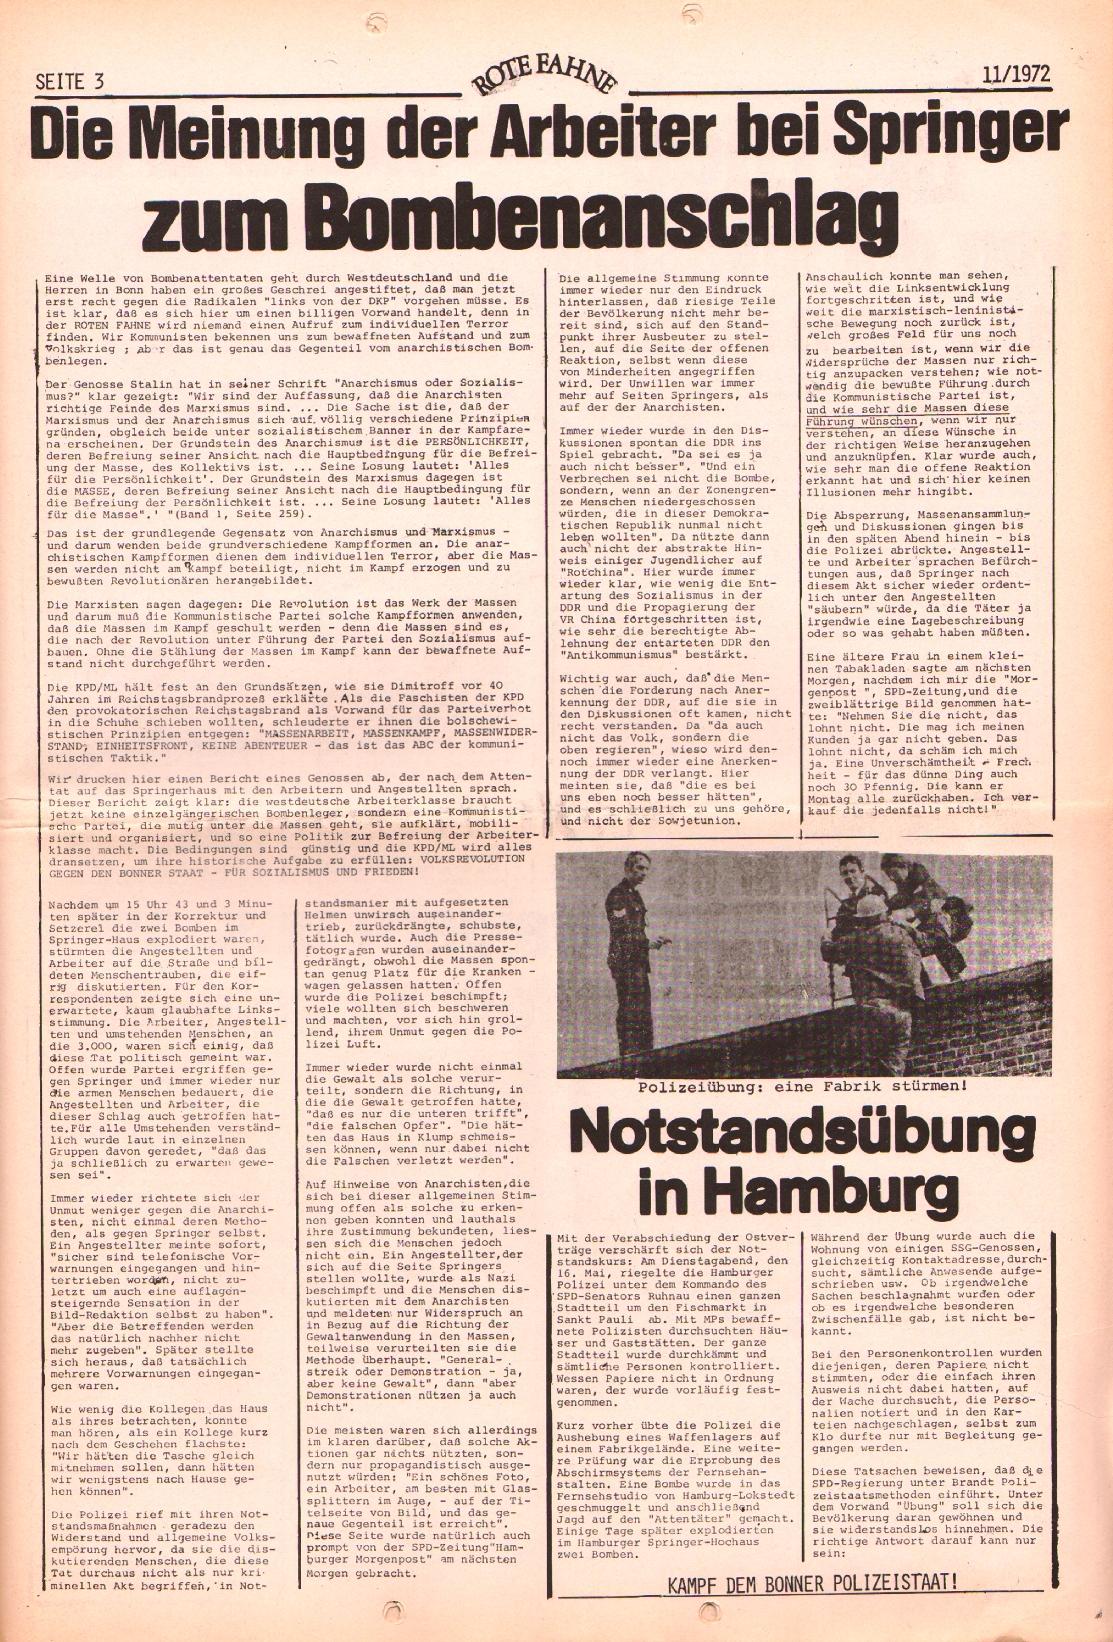 Rote Fahne, 3. Jg., 29.5.1972, Nr. 11, Seite 3